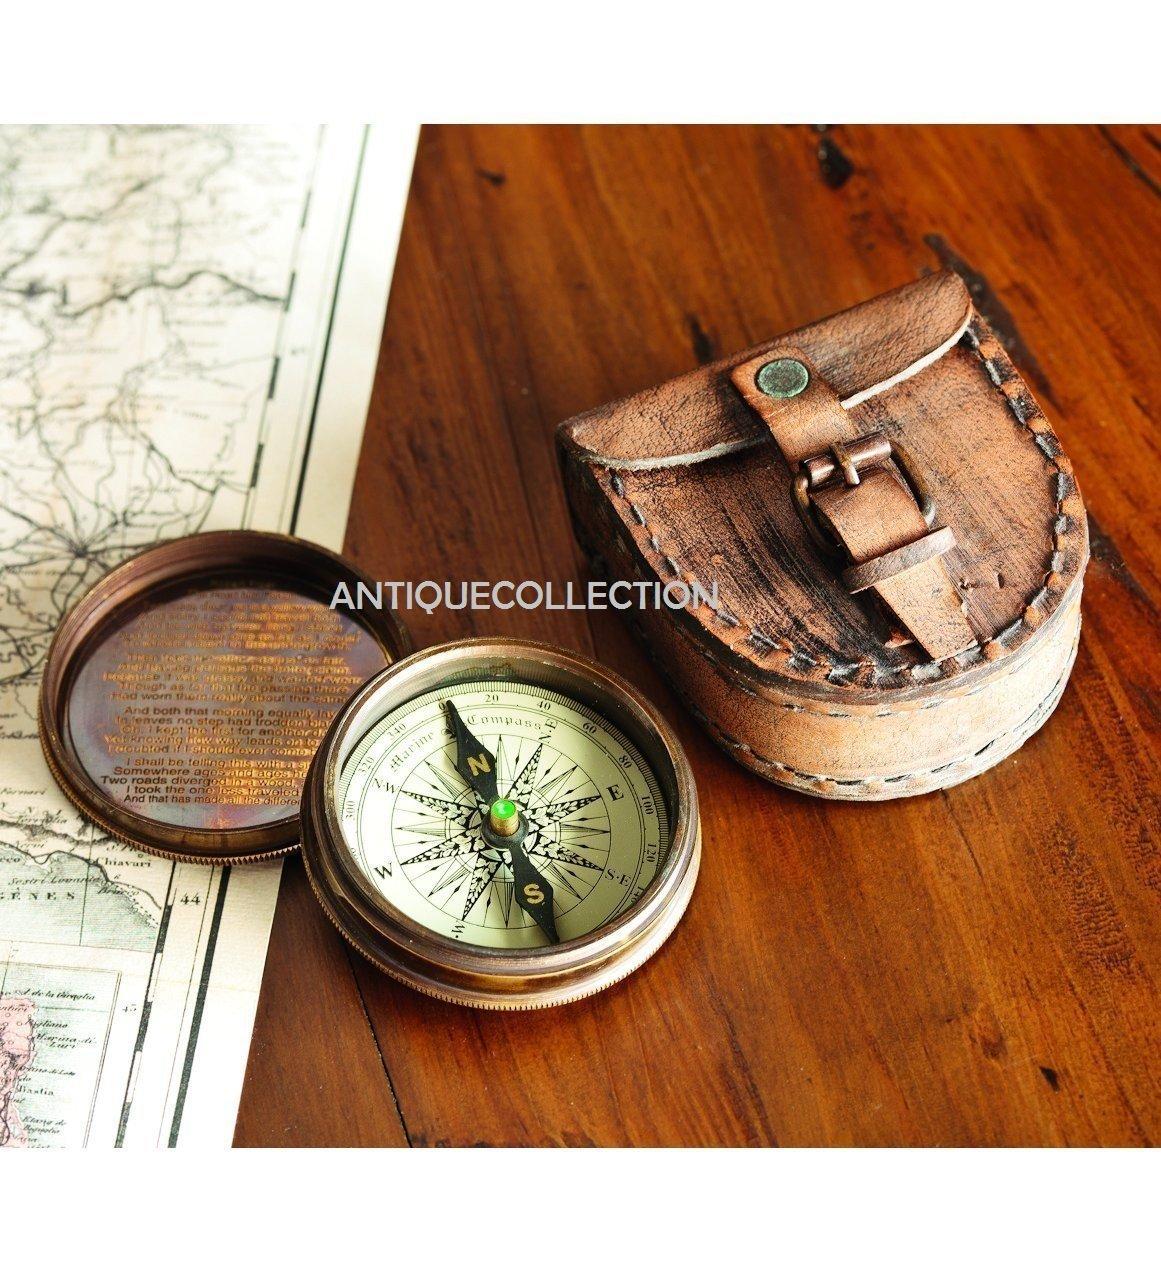 antiquecollectionアンティーク真鍮詩コンパス、レザーケース   B07BMVS6M5